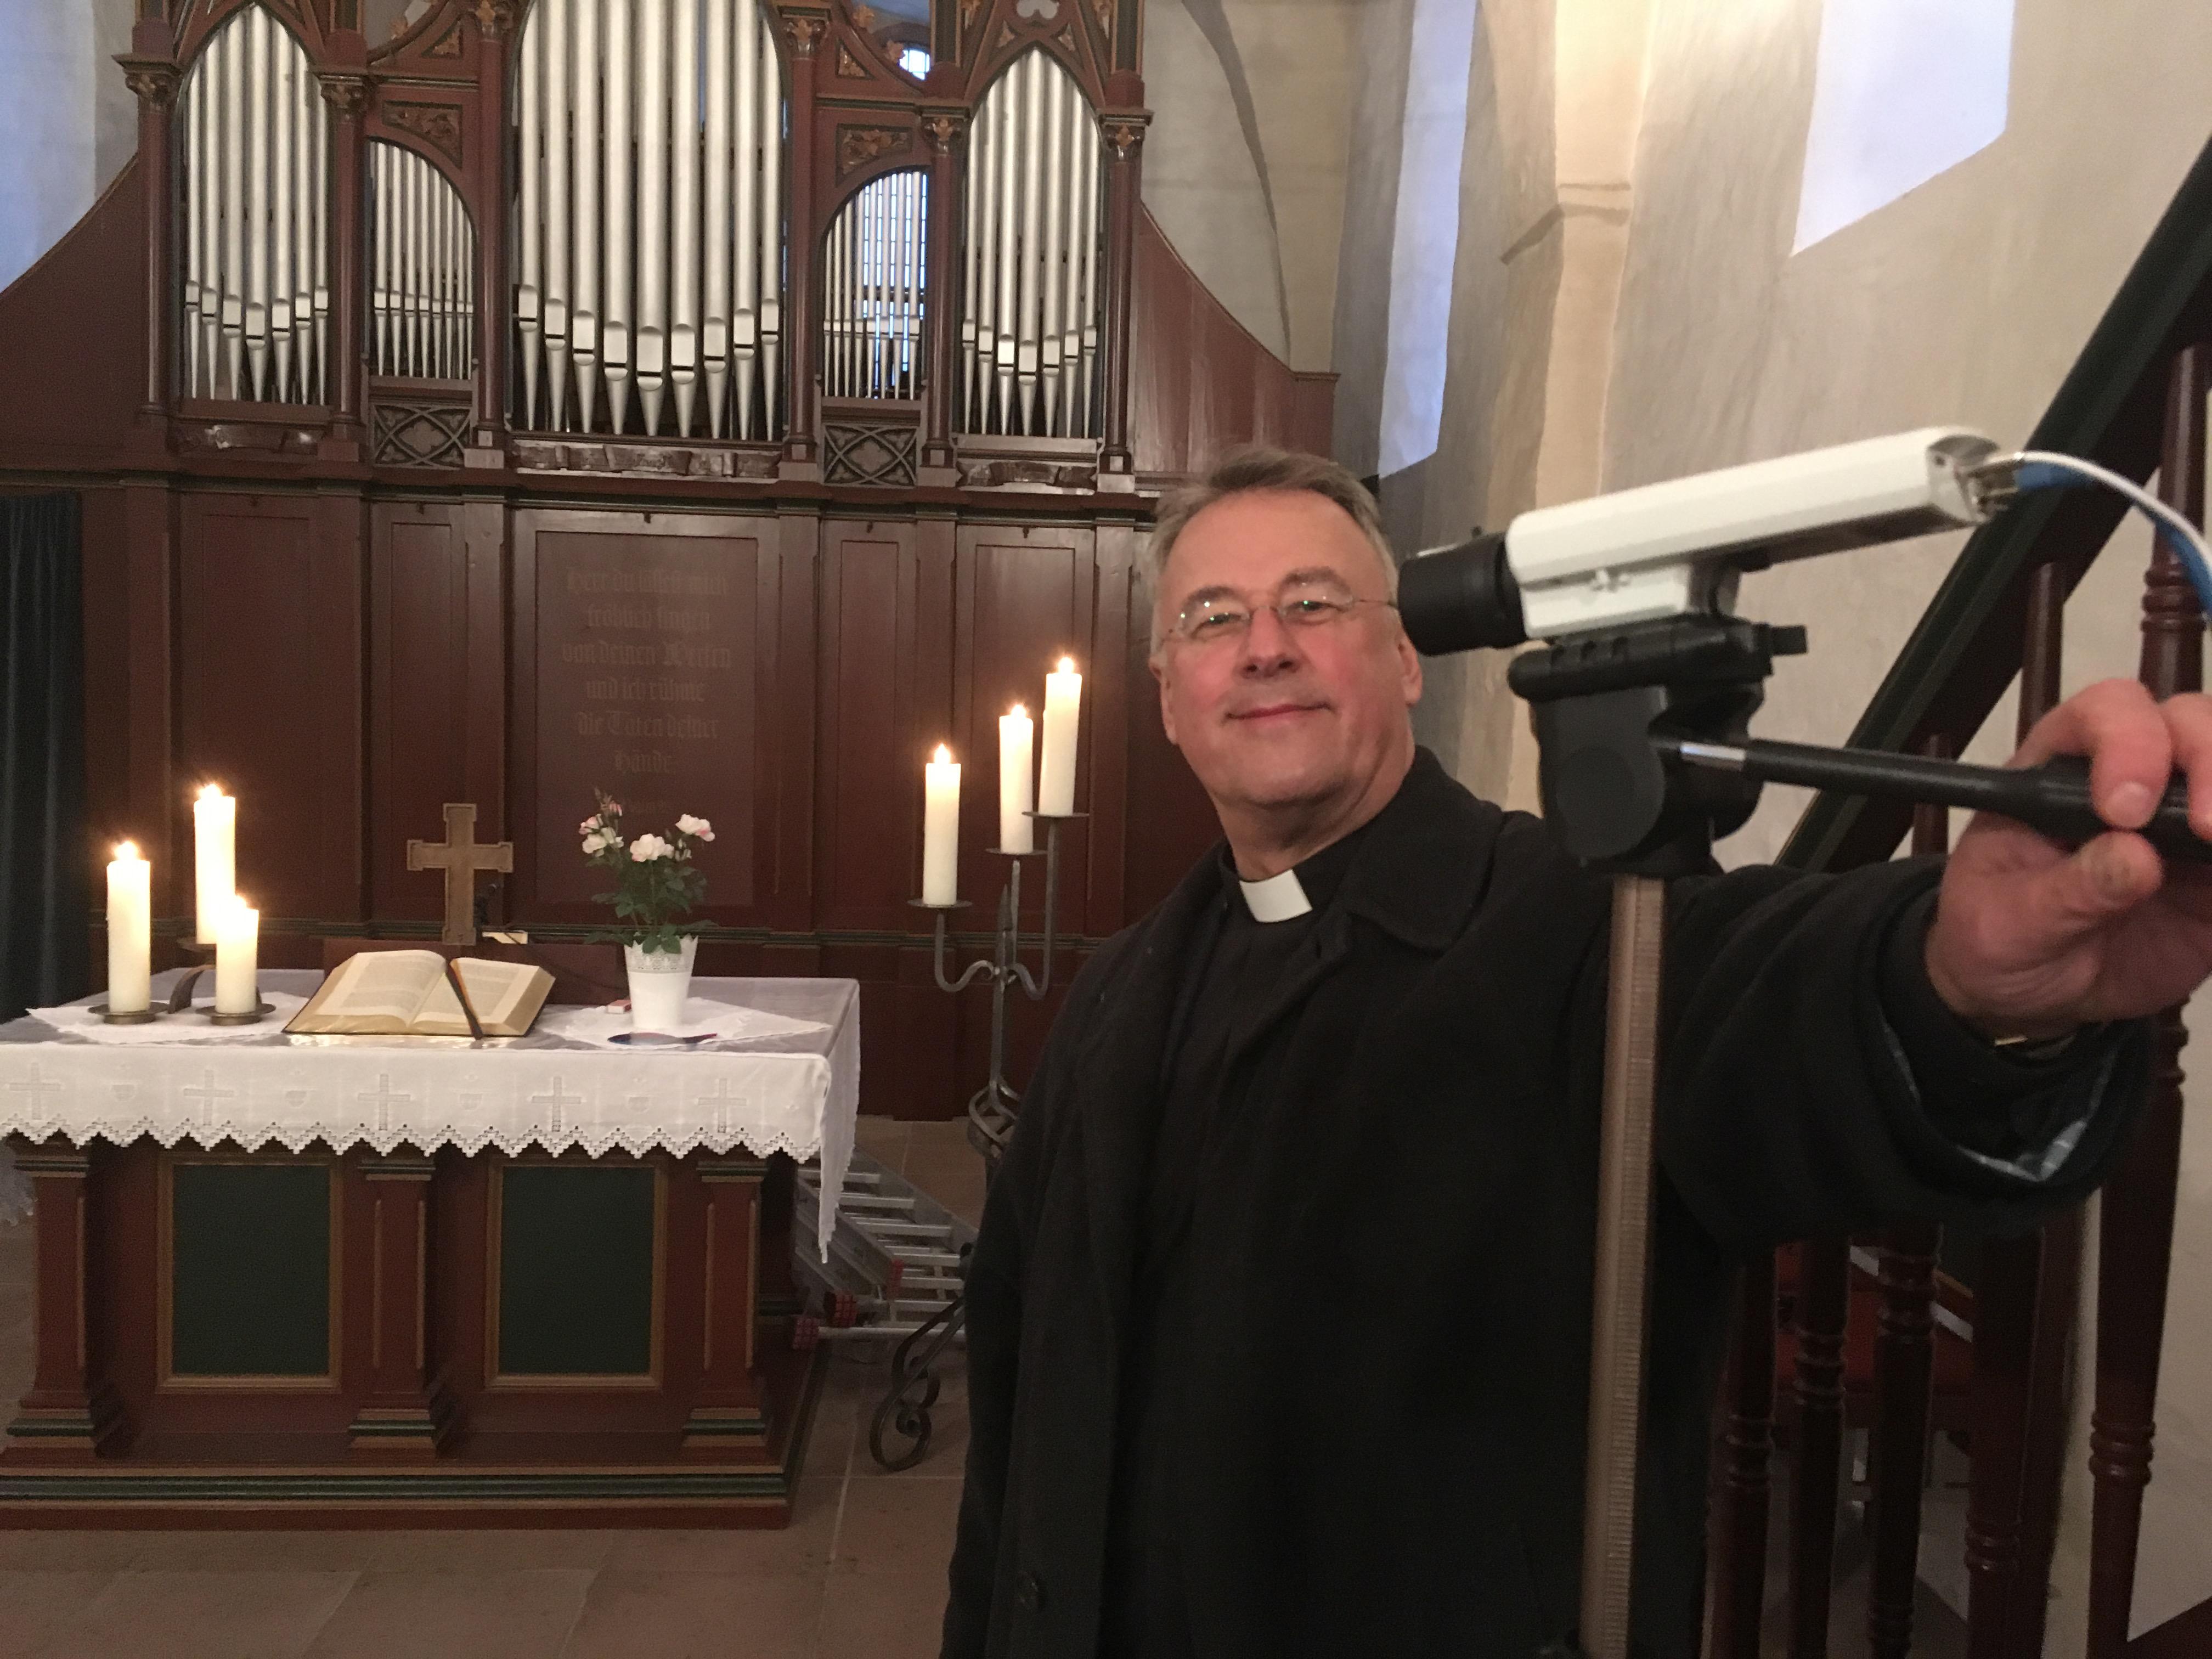 Pfarrer Cierpka bedient die Kamera in der Evangelischen Kirche von Elsoff.